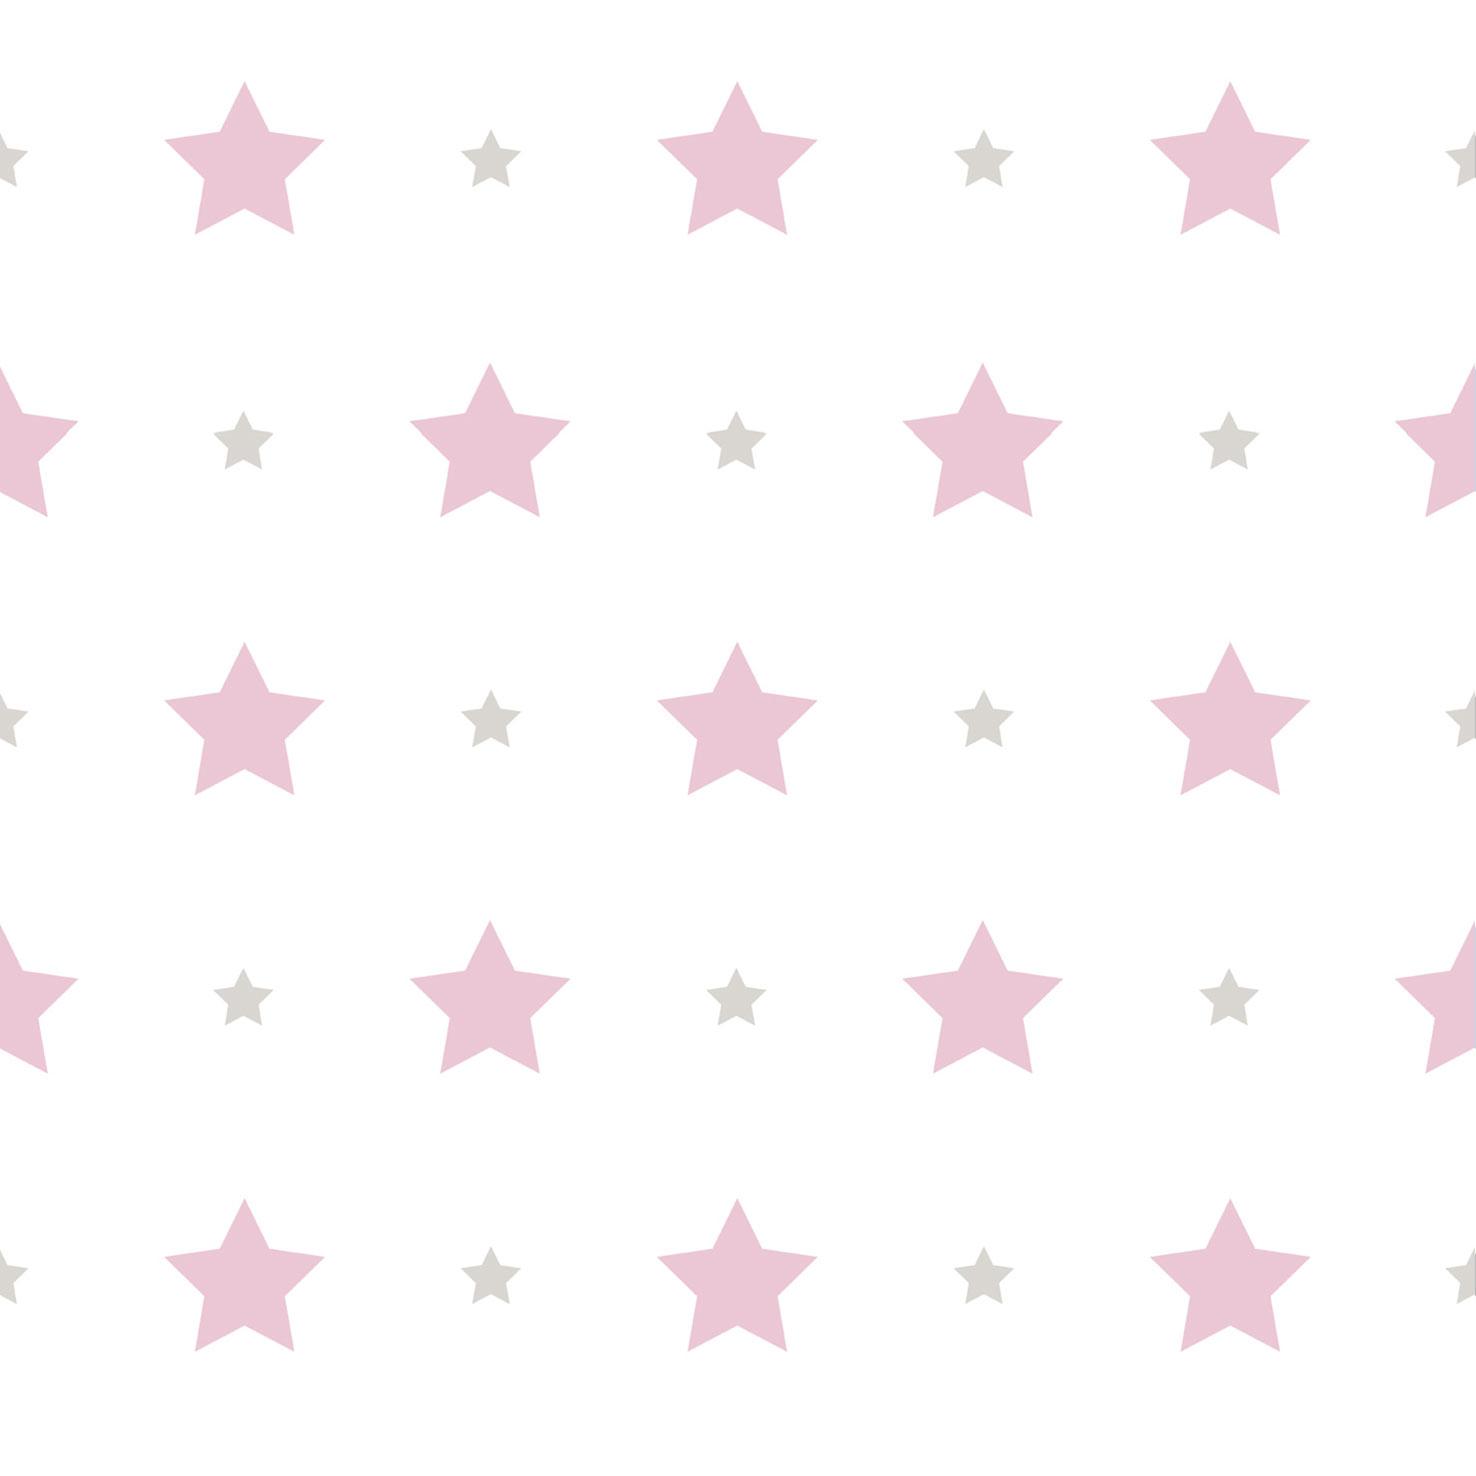 kindertapete stern sterne rasch textil wei pink 330136. Black Bedroom Furniture Sets. Home Design Ideas